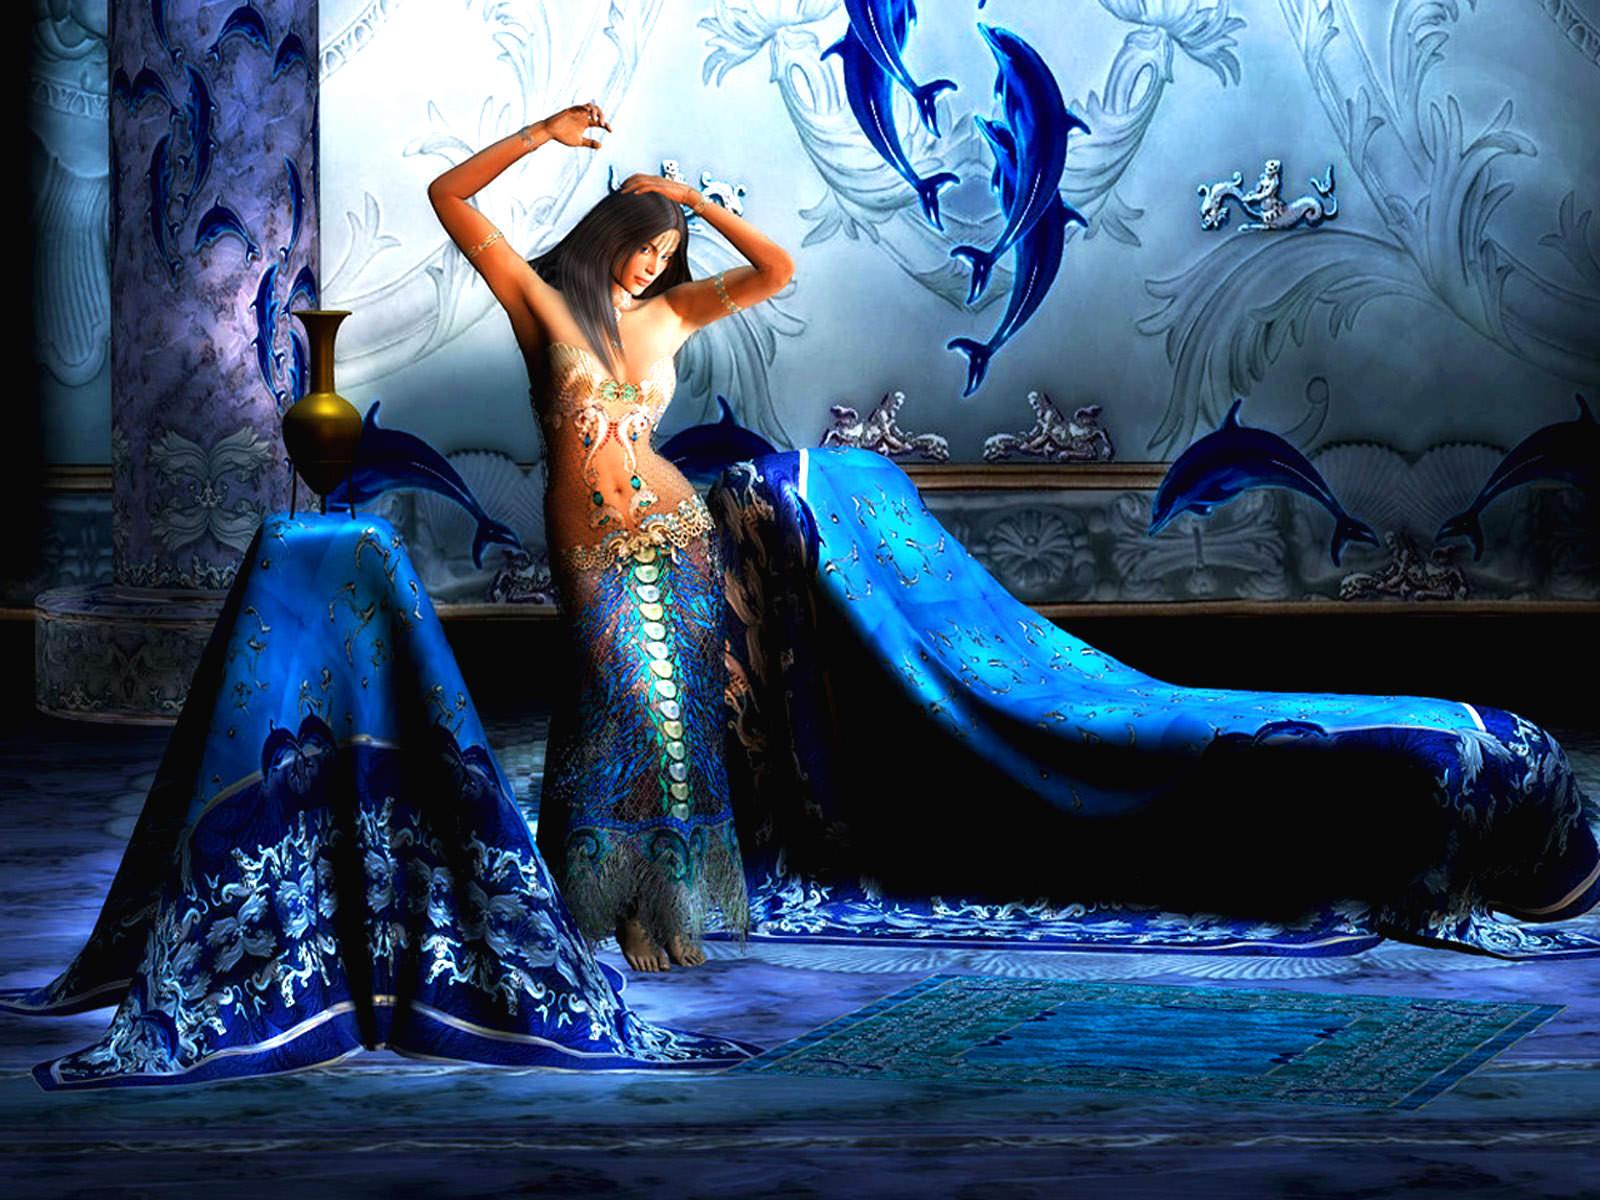 Fantasy Aquaria Girl Wallpaper